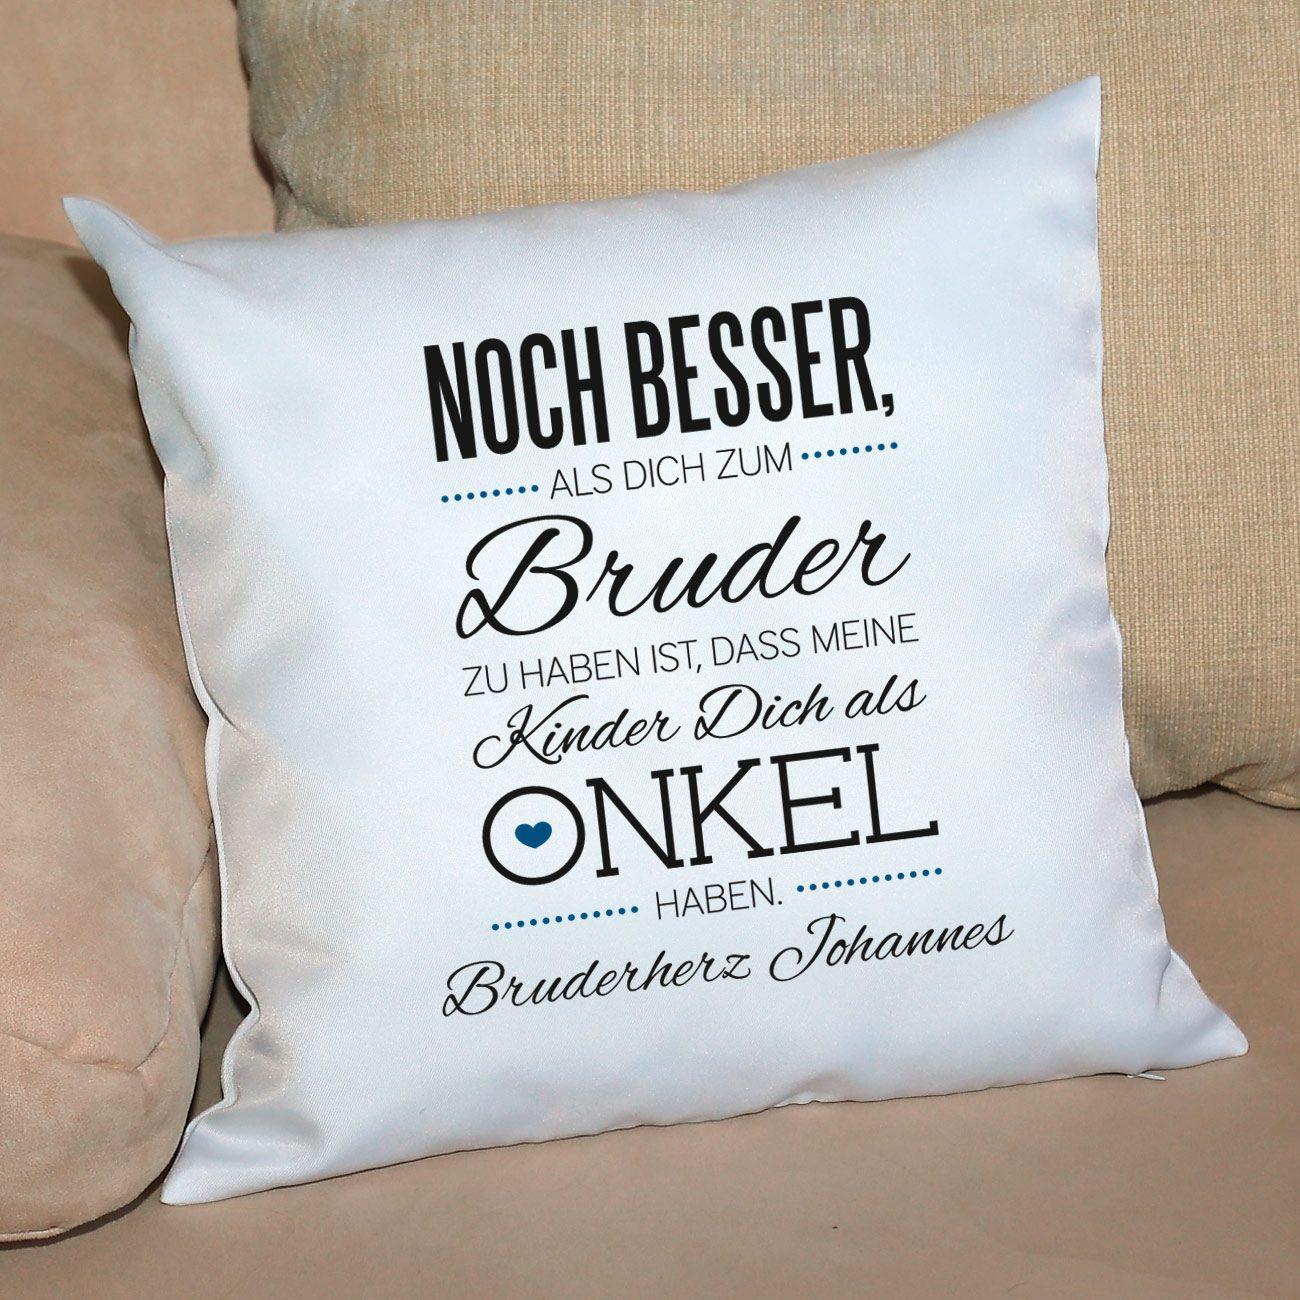 Geburtstagsgeschenk Für Bruder  Kuschelkissen für den besten kel mit Wunschtext